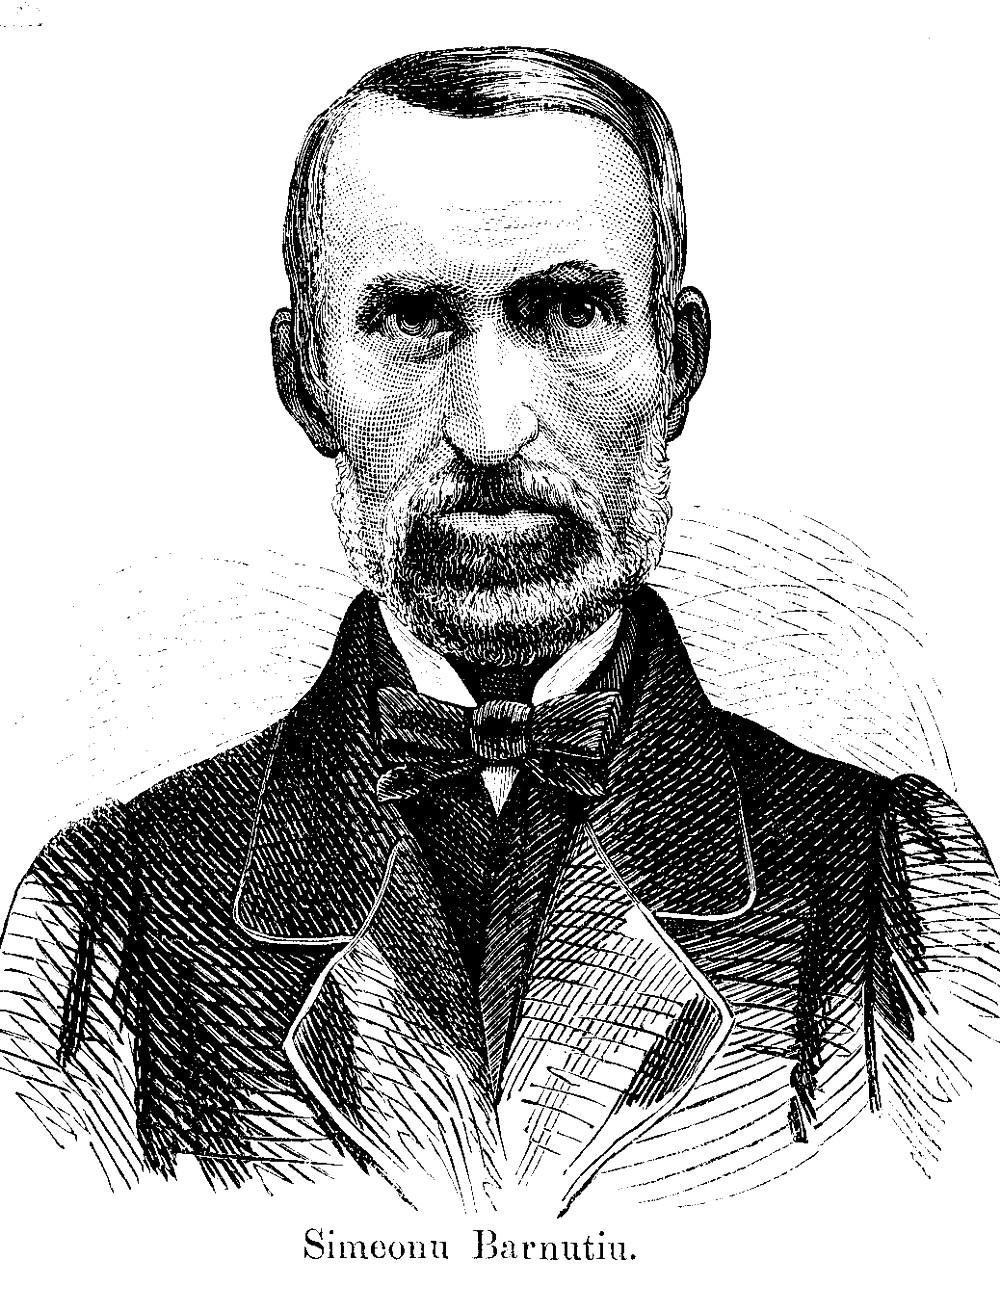 Barnutiu Simion Familia 14 din 1865